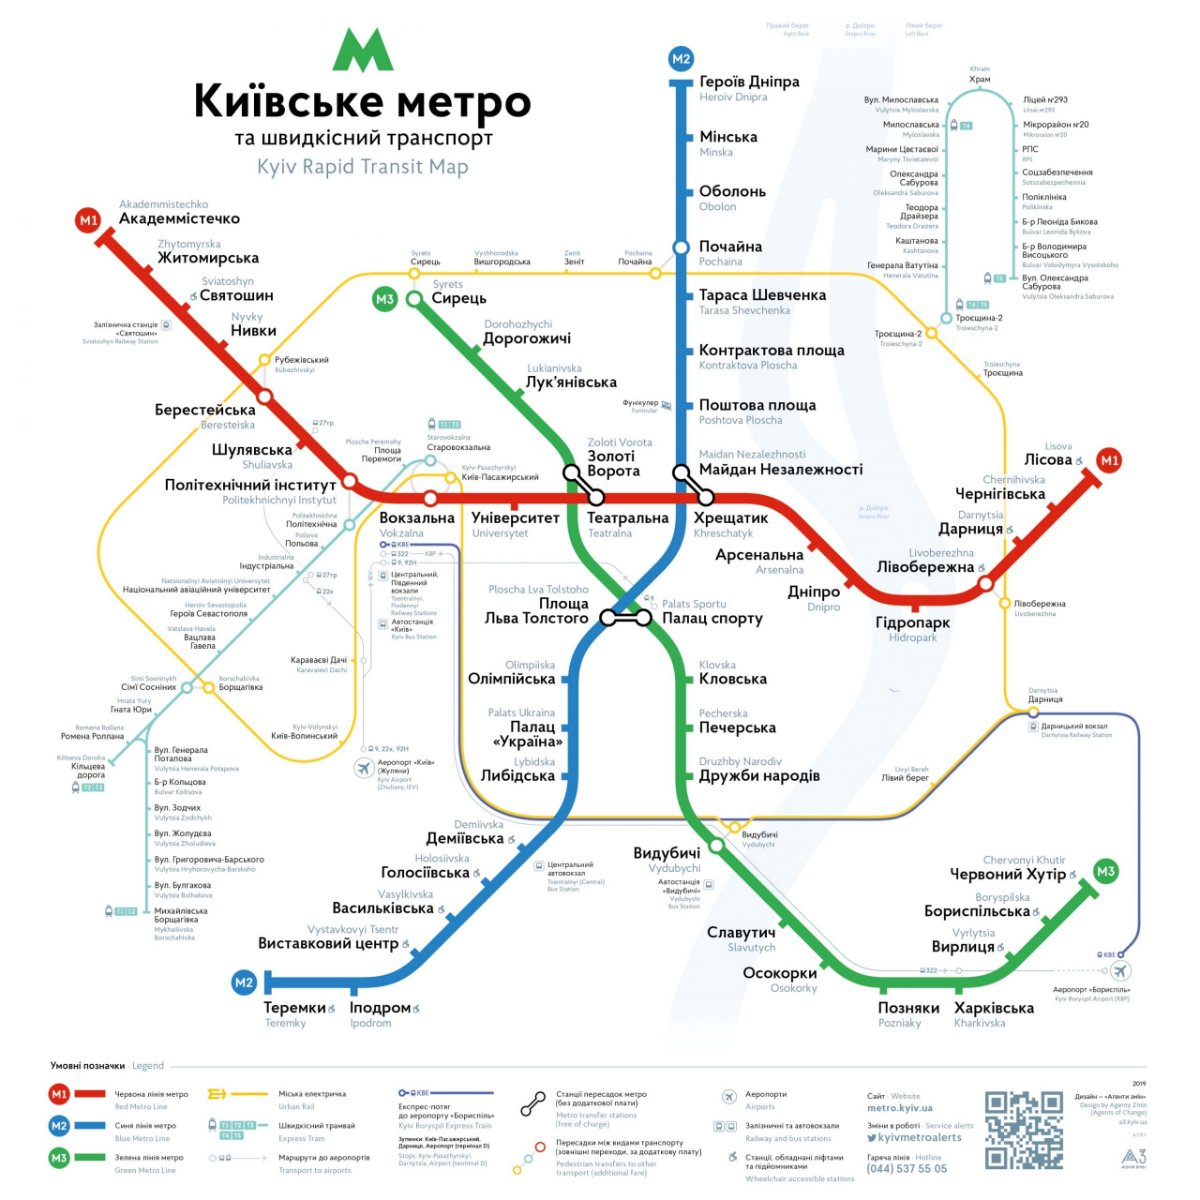 IDMedia Наружная реклама в городе Киев (Киевская область), Метро Digital в городе Киев №238991 схема